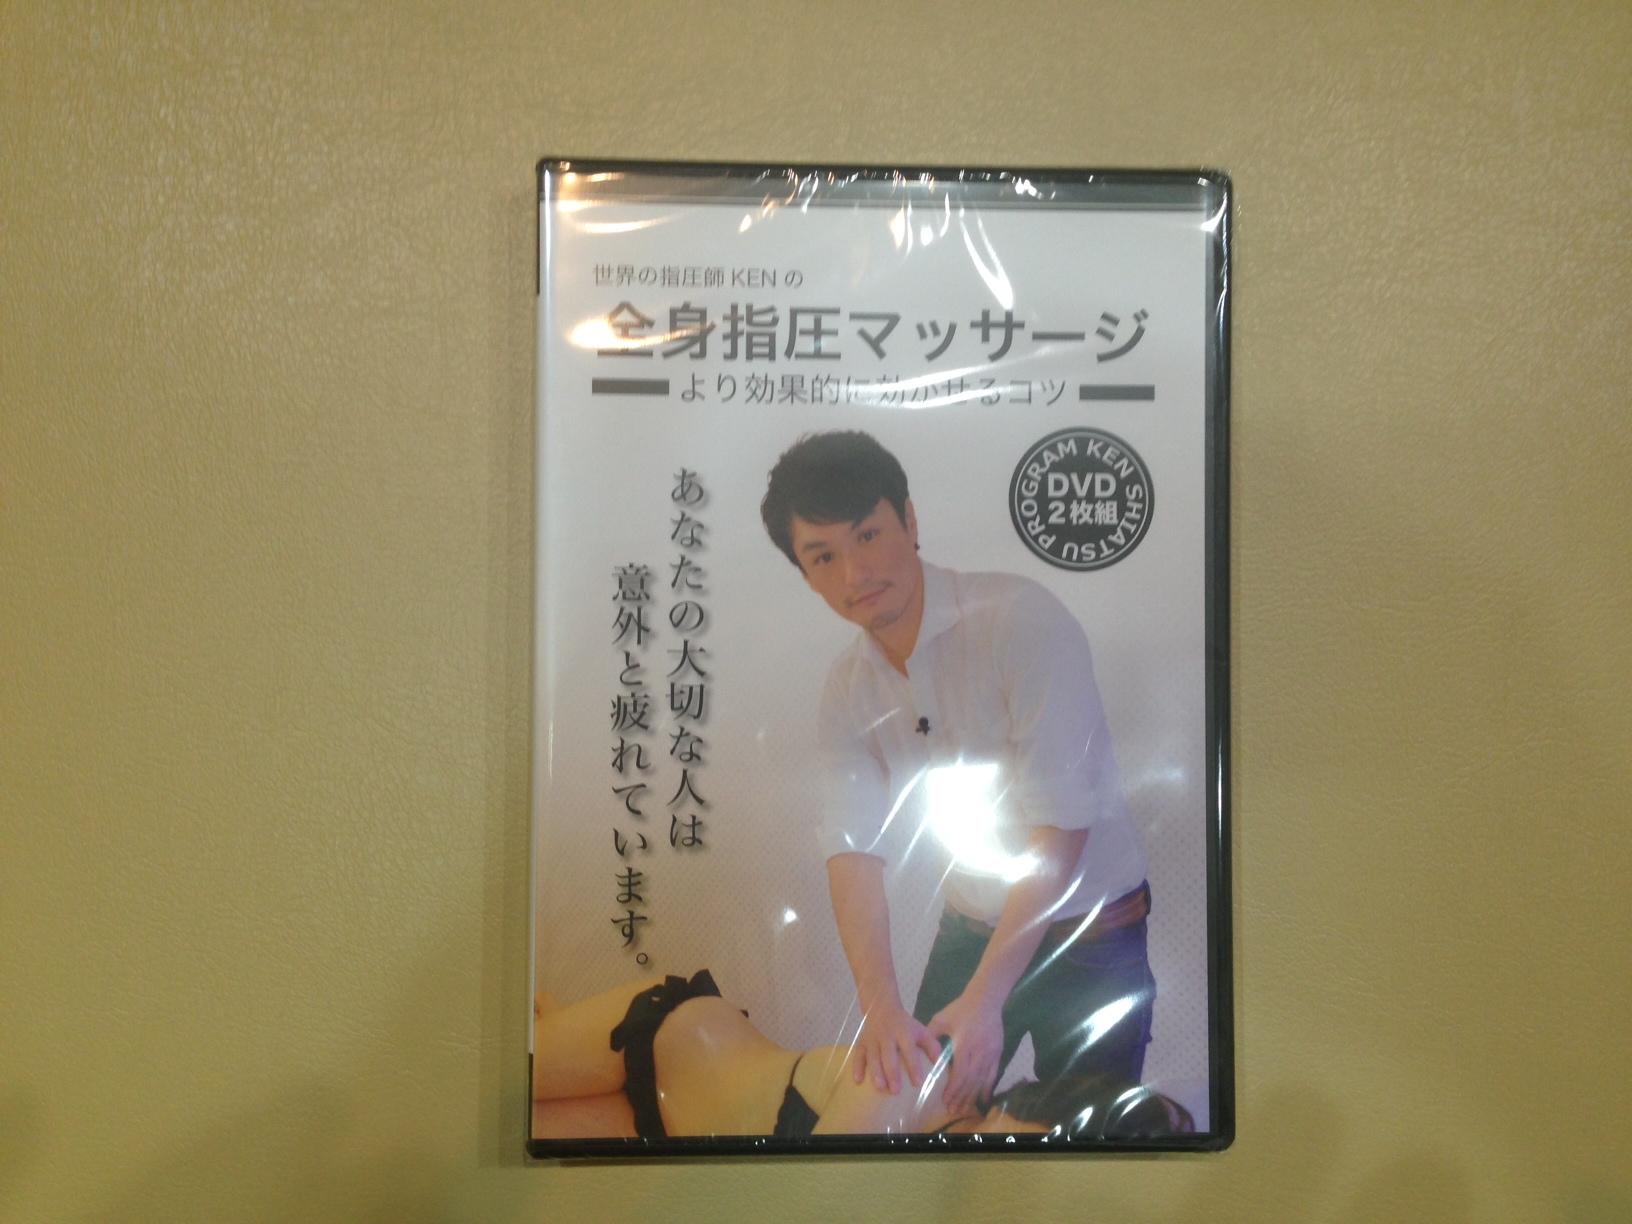 【限定】全身指圧DVD 水着モデル版